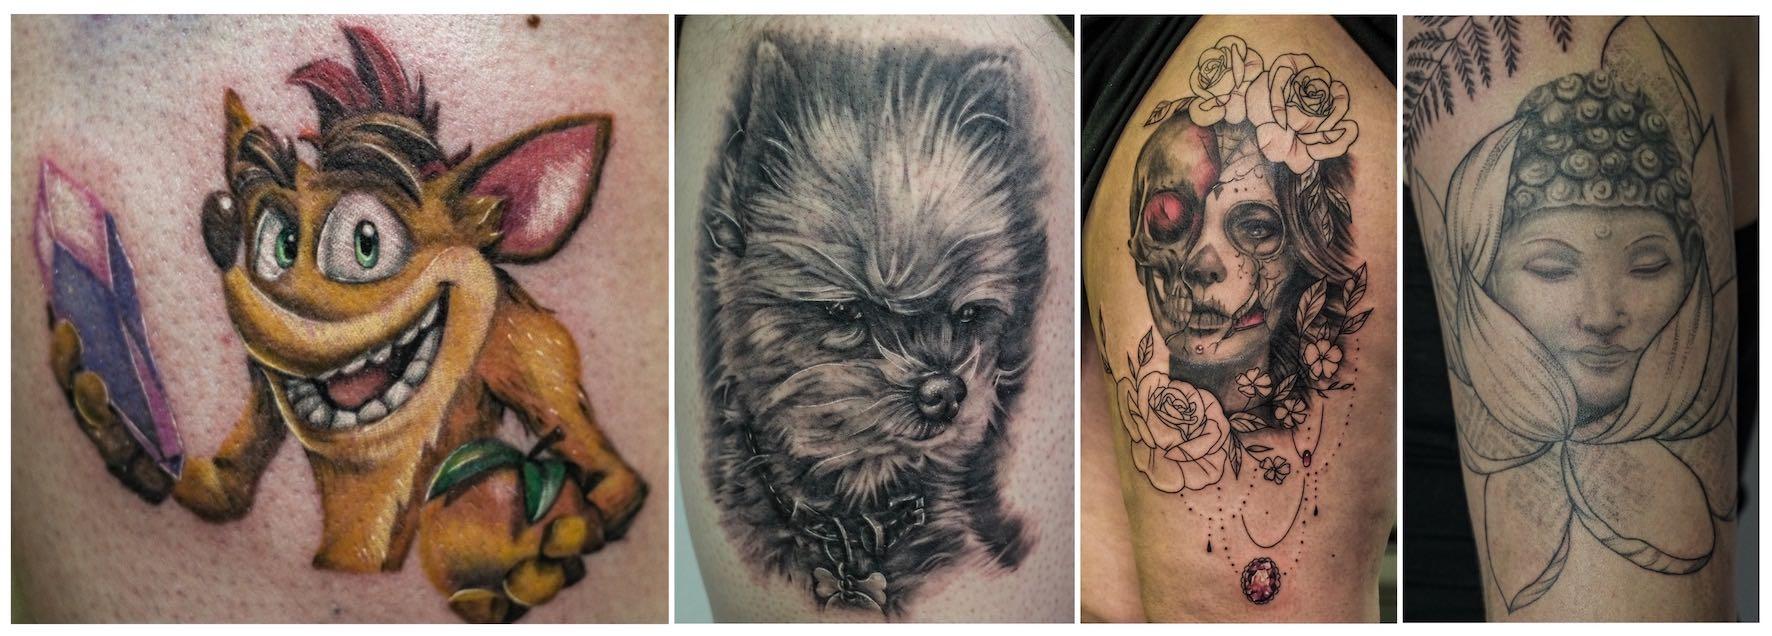 Tattoos done by Sarah Jardim of Autumn Tattoo Studio